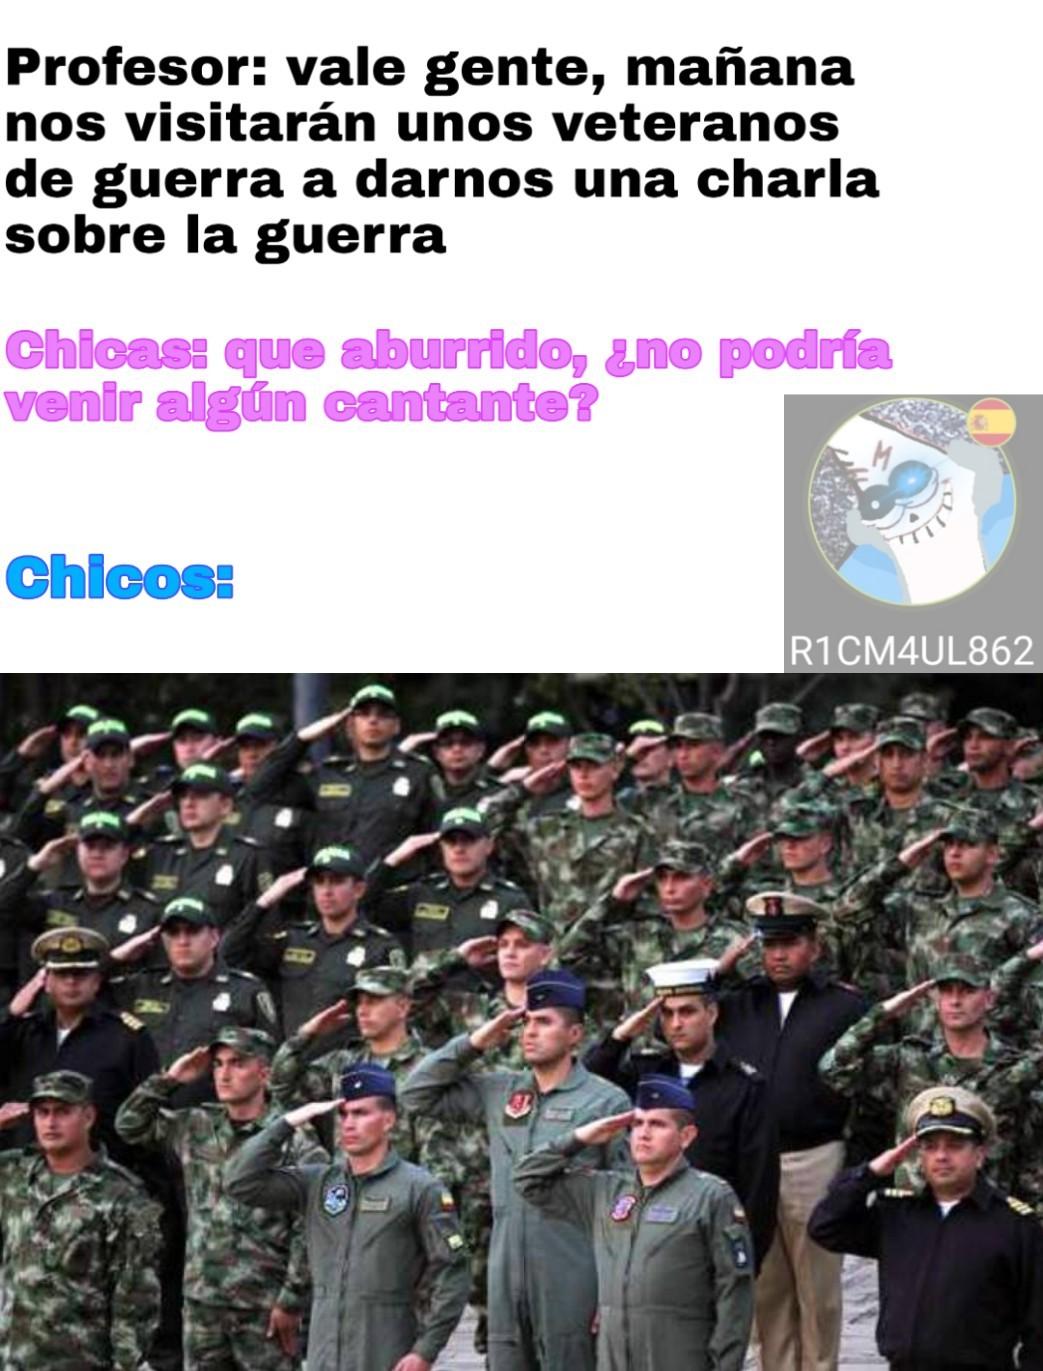 Firmes soldados - meme